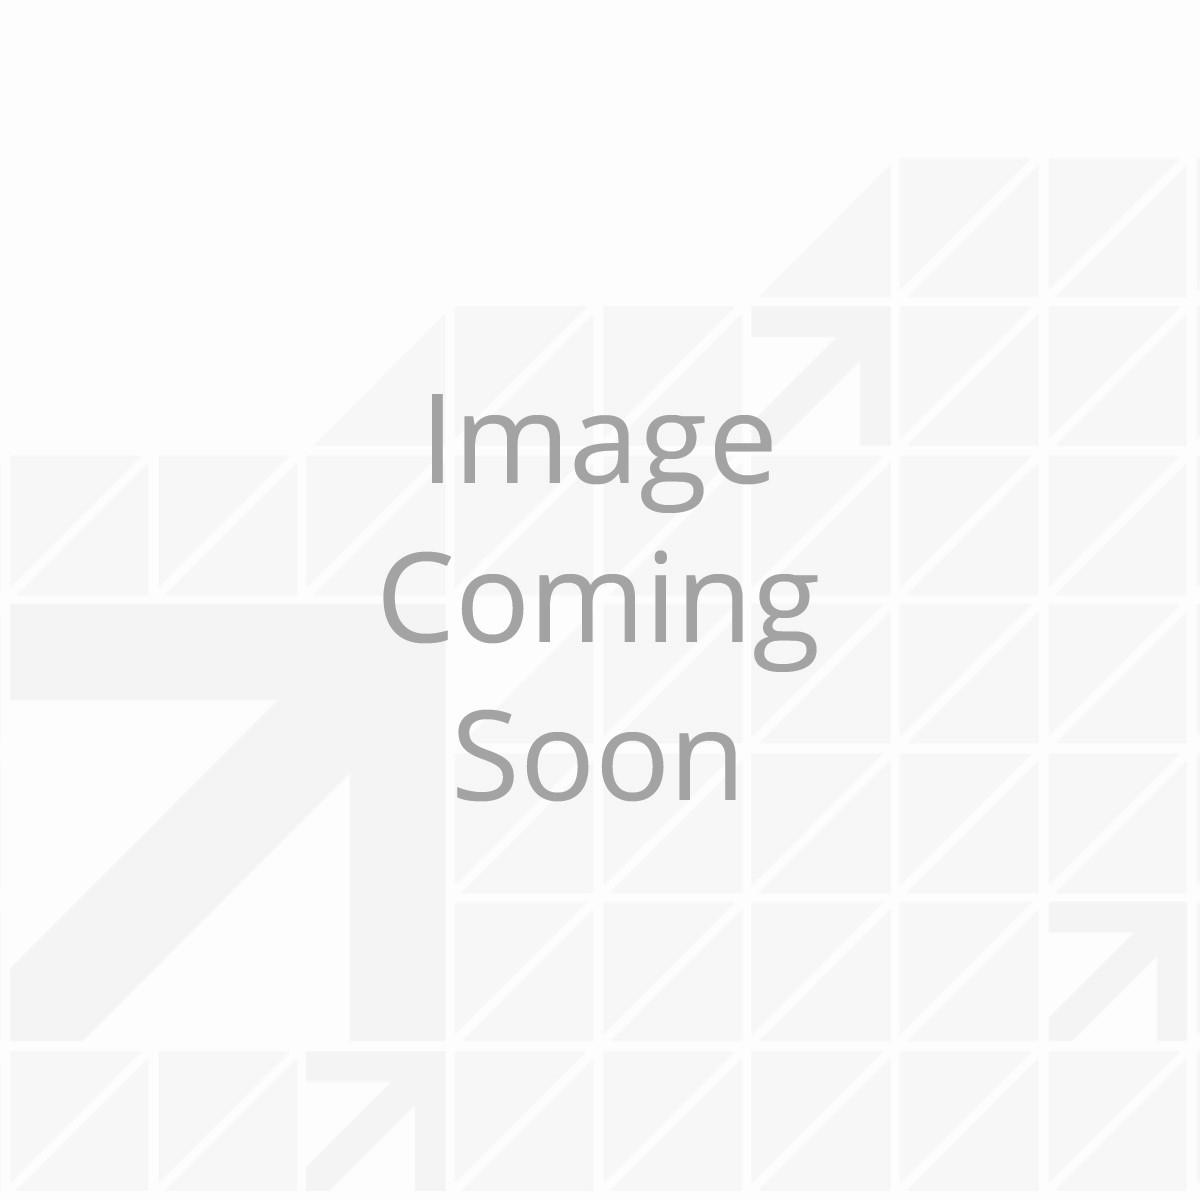 159031_-_bushing_collar_-_001